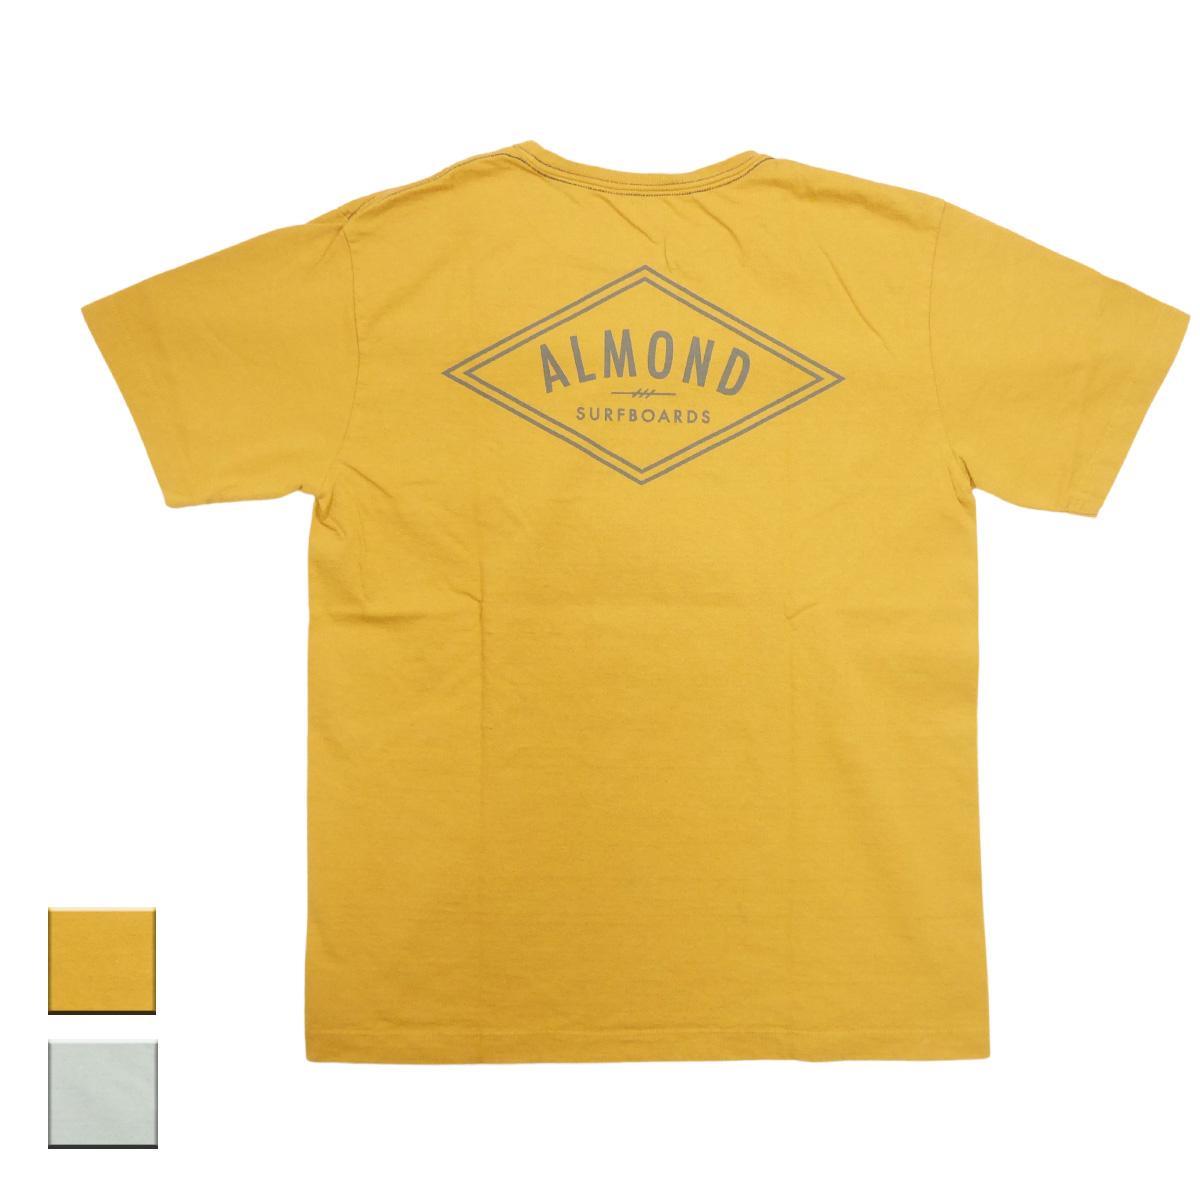 Almond Surf アーモンドサーフボードデザイン DECADES